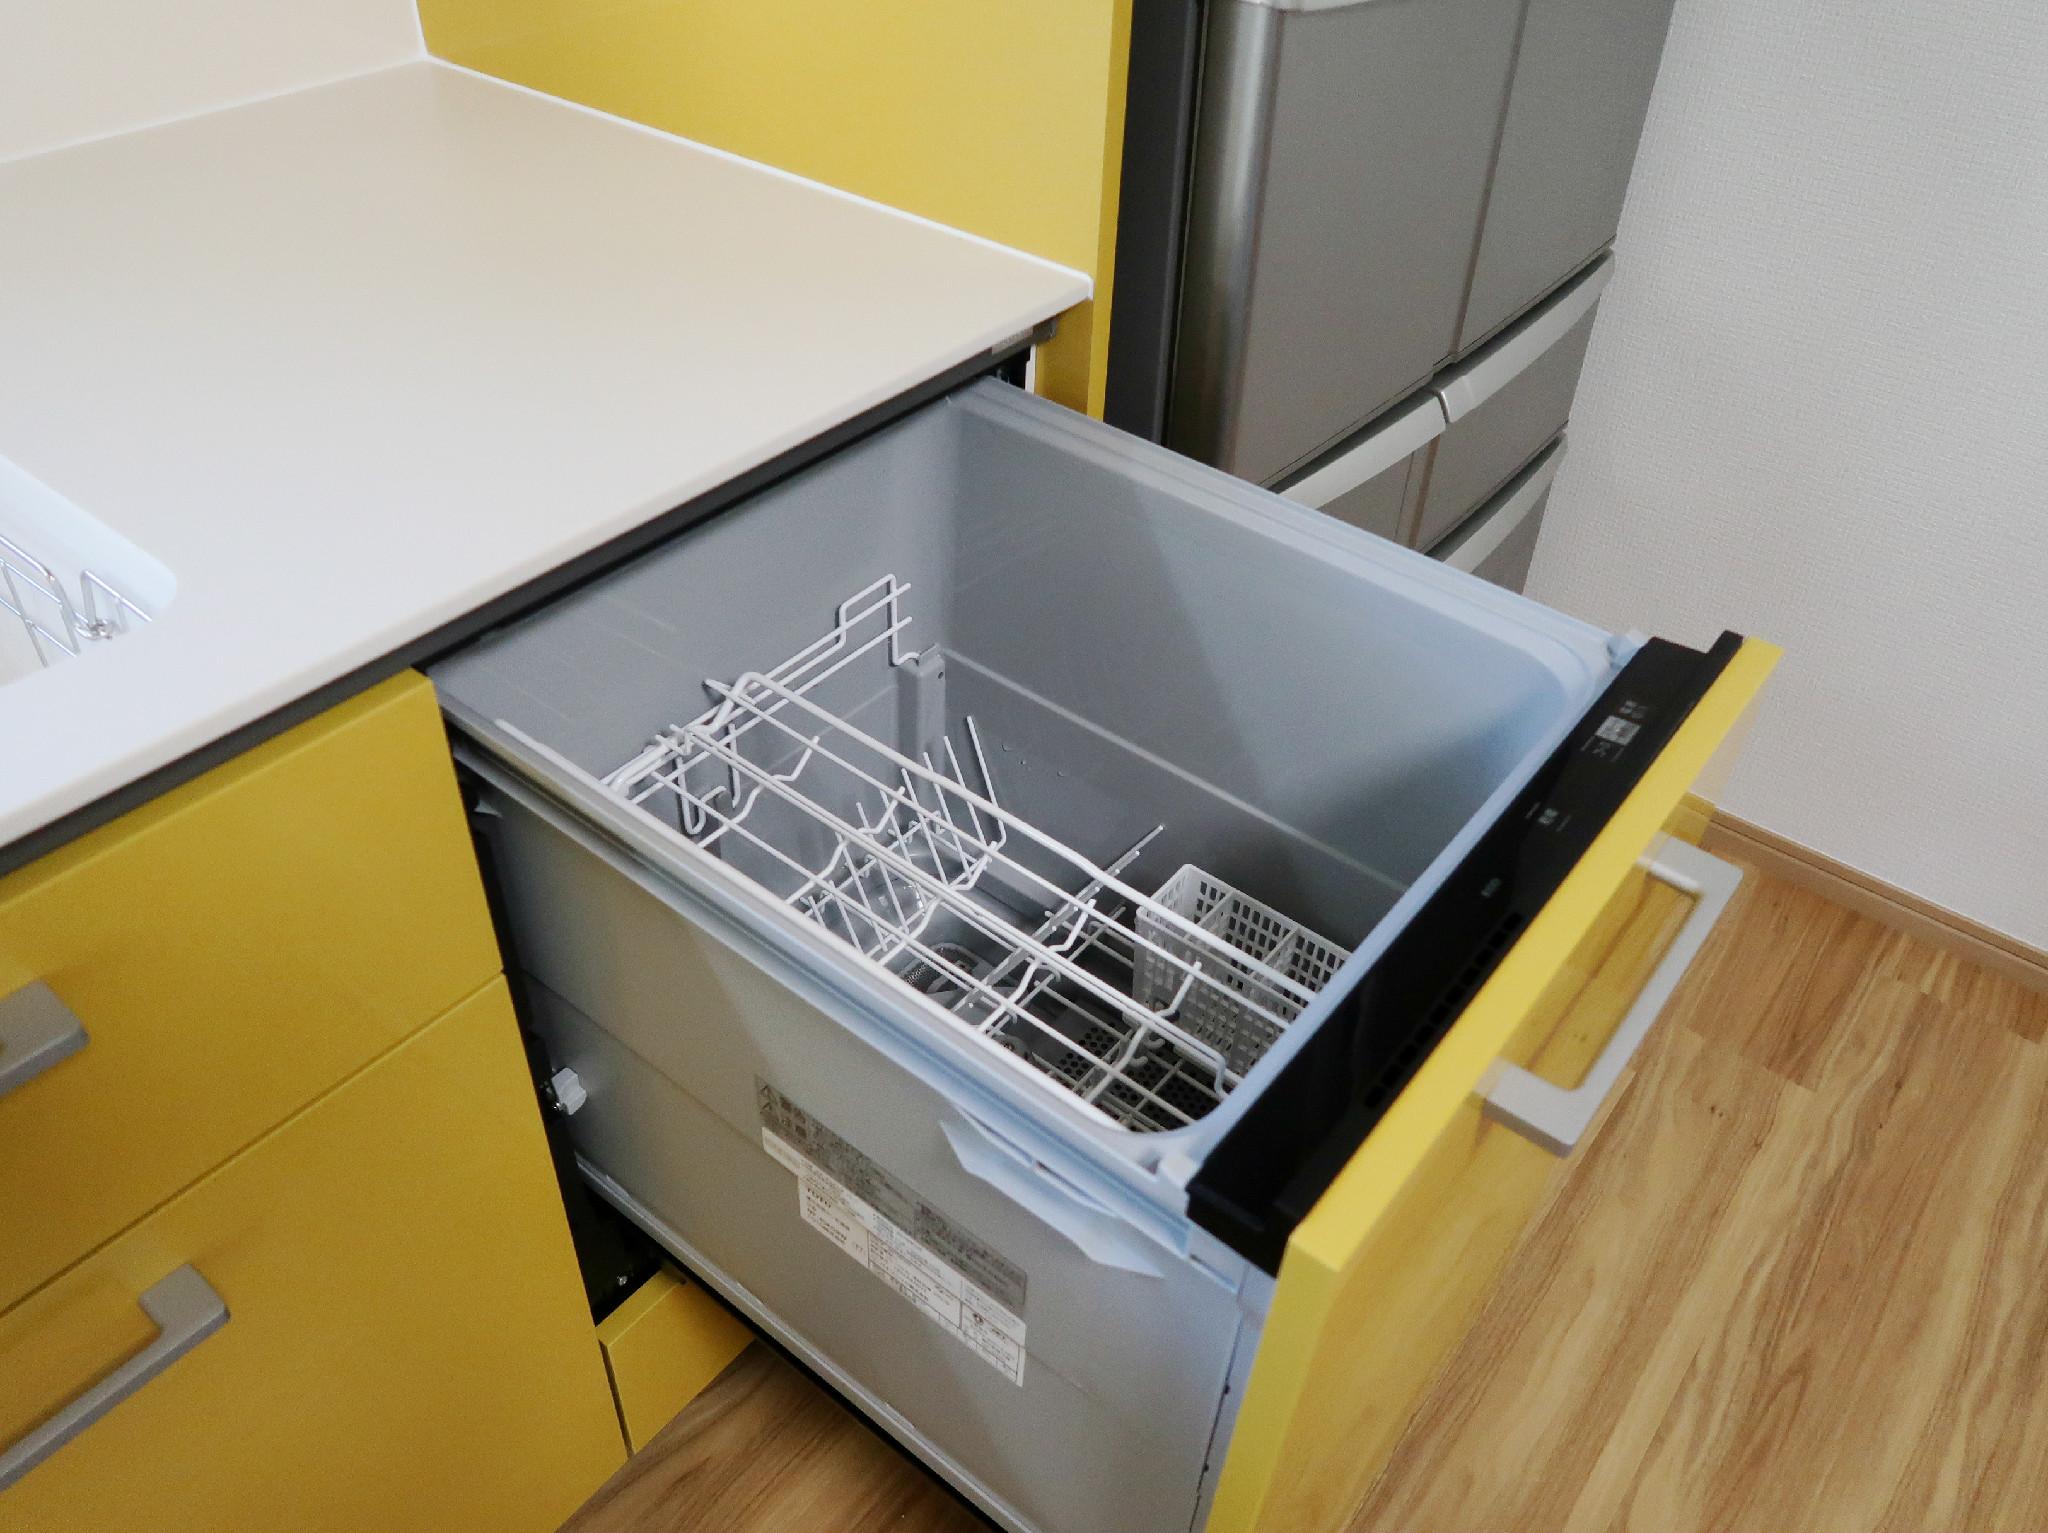 After 食器洗浄乾燥機